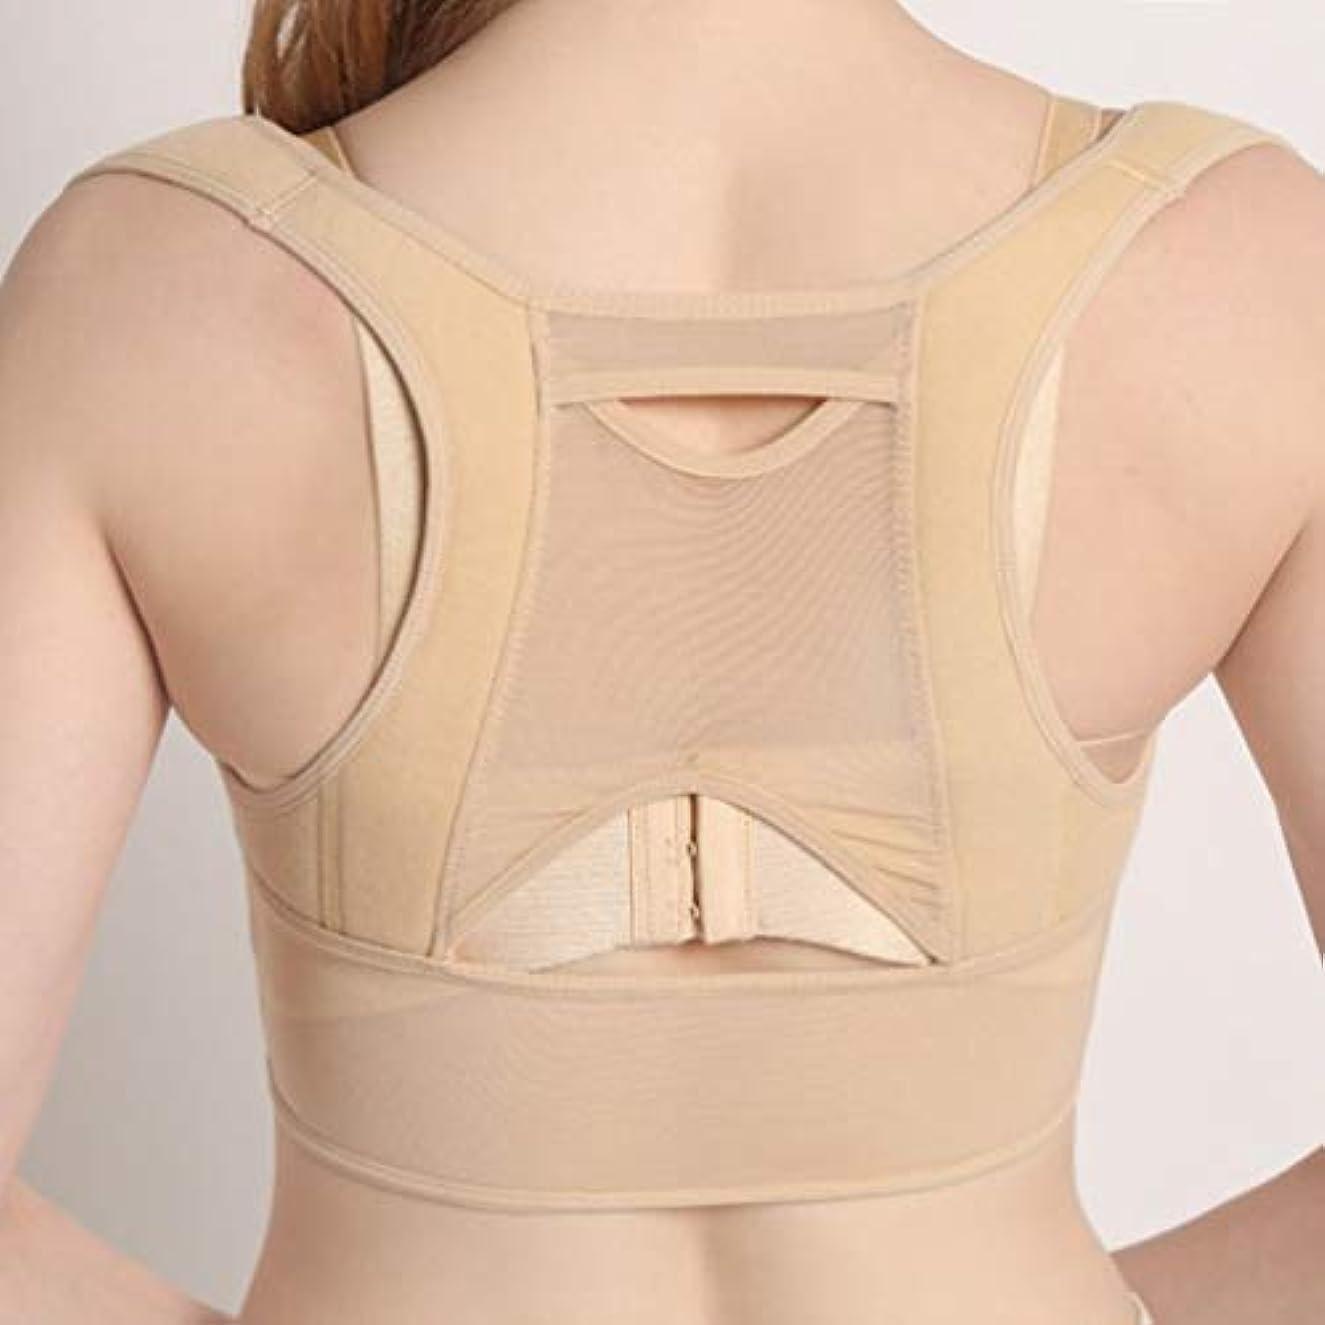 牧師謎めいた役に立つ通気性のある女性の背中の姿勢矯正コルセット整形外科の肩の背骨の姿勢矯正腰椎サポート - ベージュホワイトM